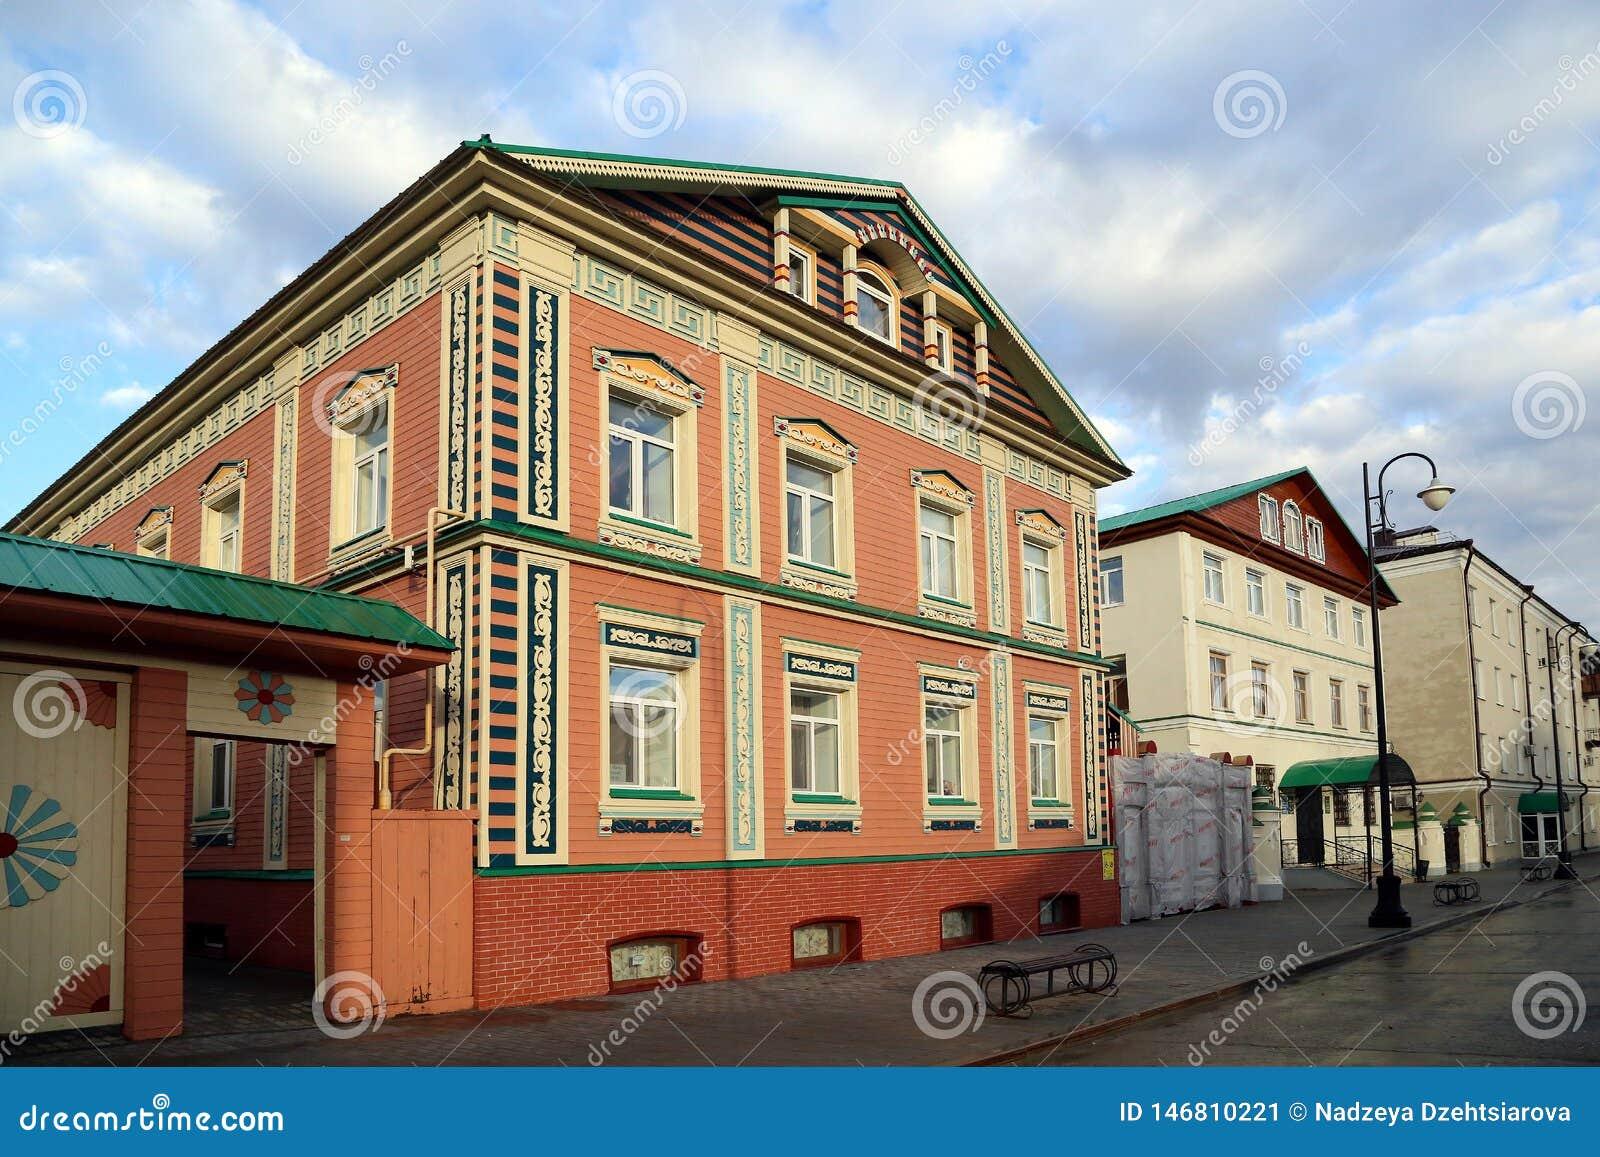 Budynki XIX wiek w historycznym okręgu miasto Tatar Sloboda